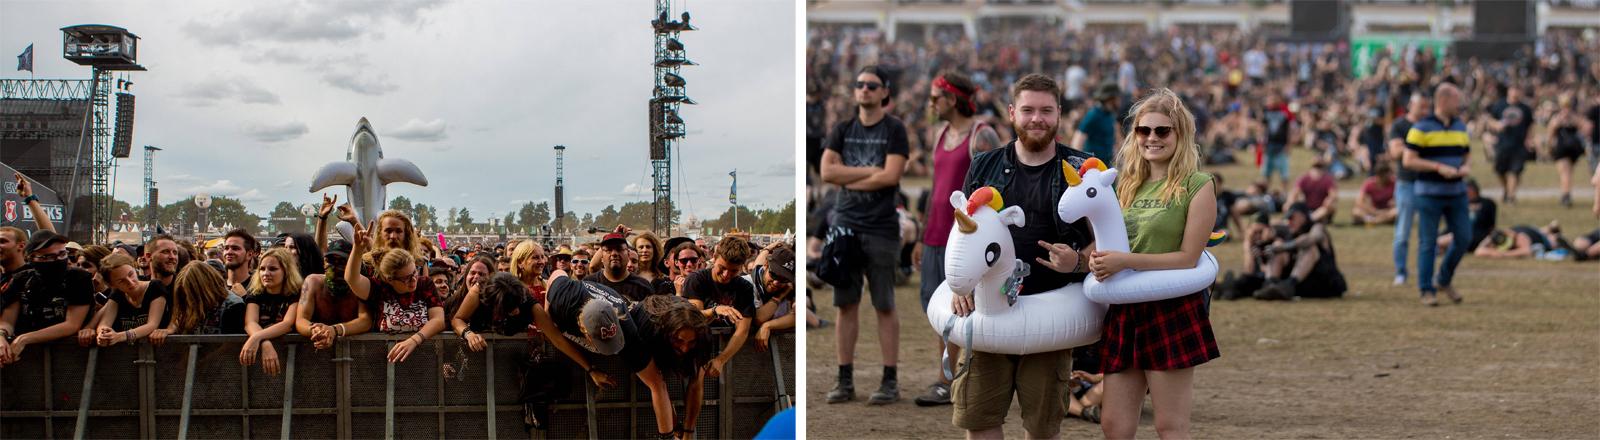 Sicherheit bei Festivals: Szenen aus Wacken im jahr 2018